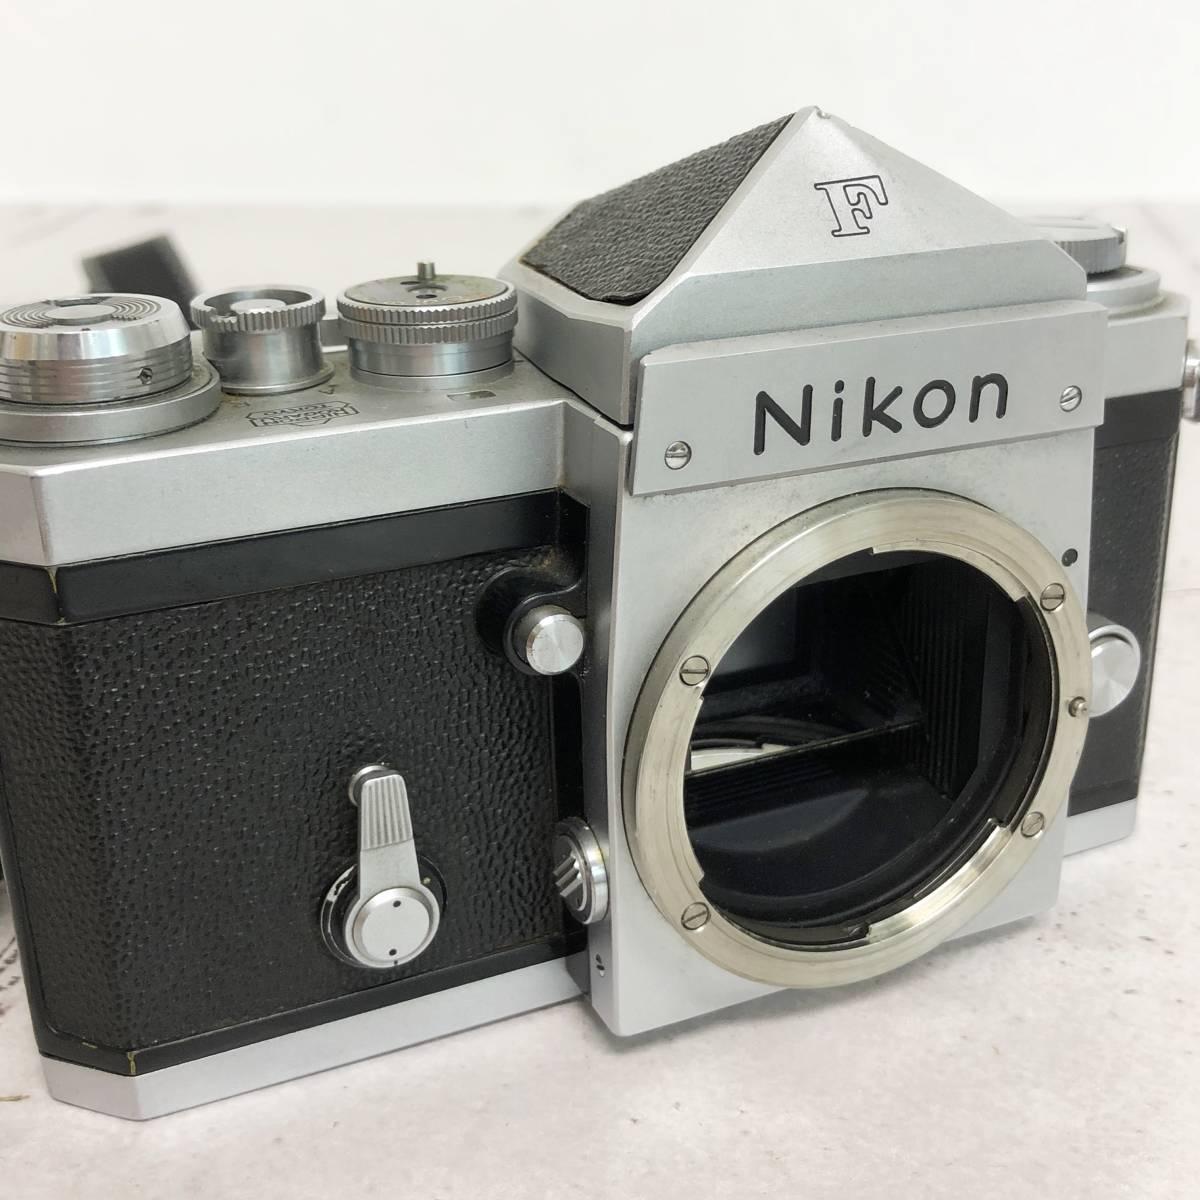 ■ニコン F カメラ レンズ モータードライブ その他 付属品セット 動作未確認 ジャンク品 2_画像6